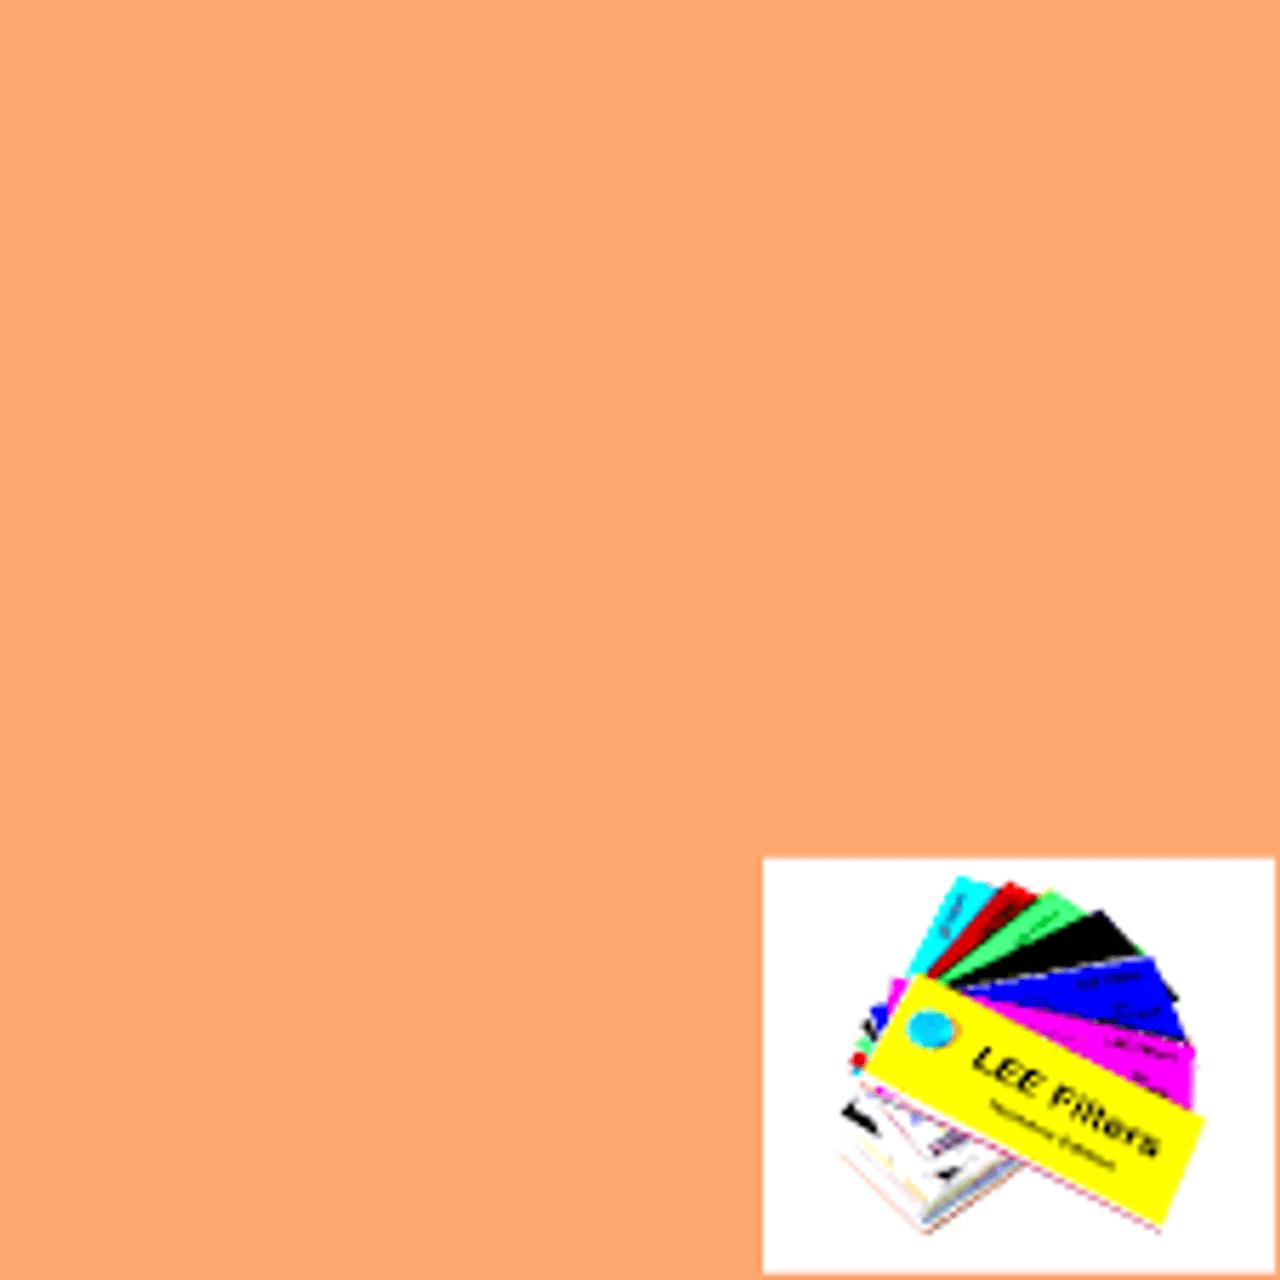 Lee Gels #624 Full Digital LED C.T.O. (CTO filter) 1